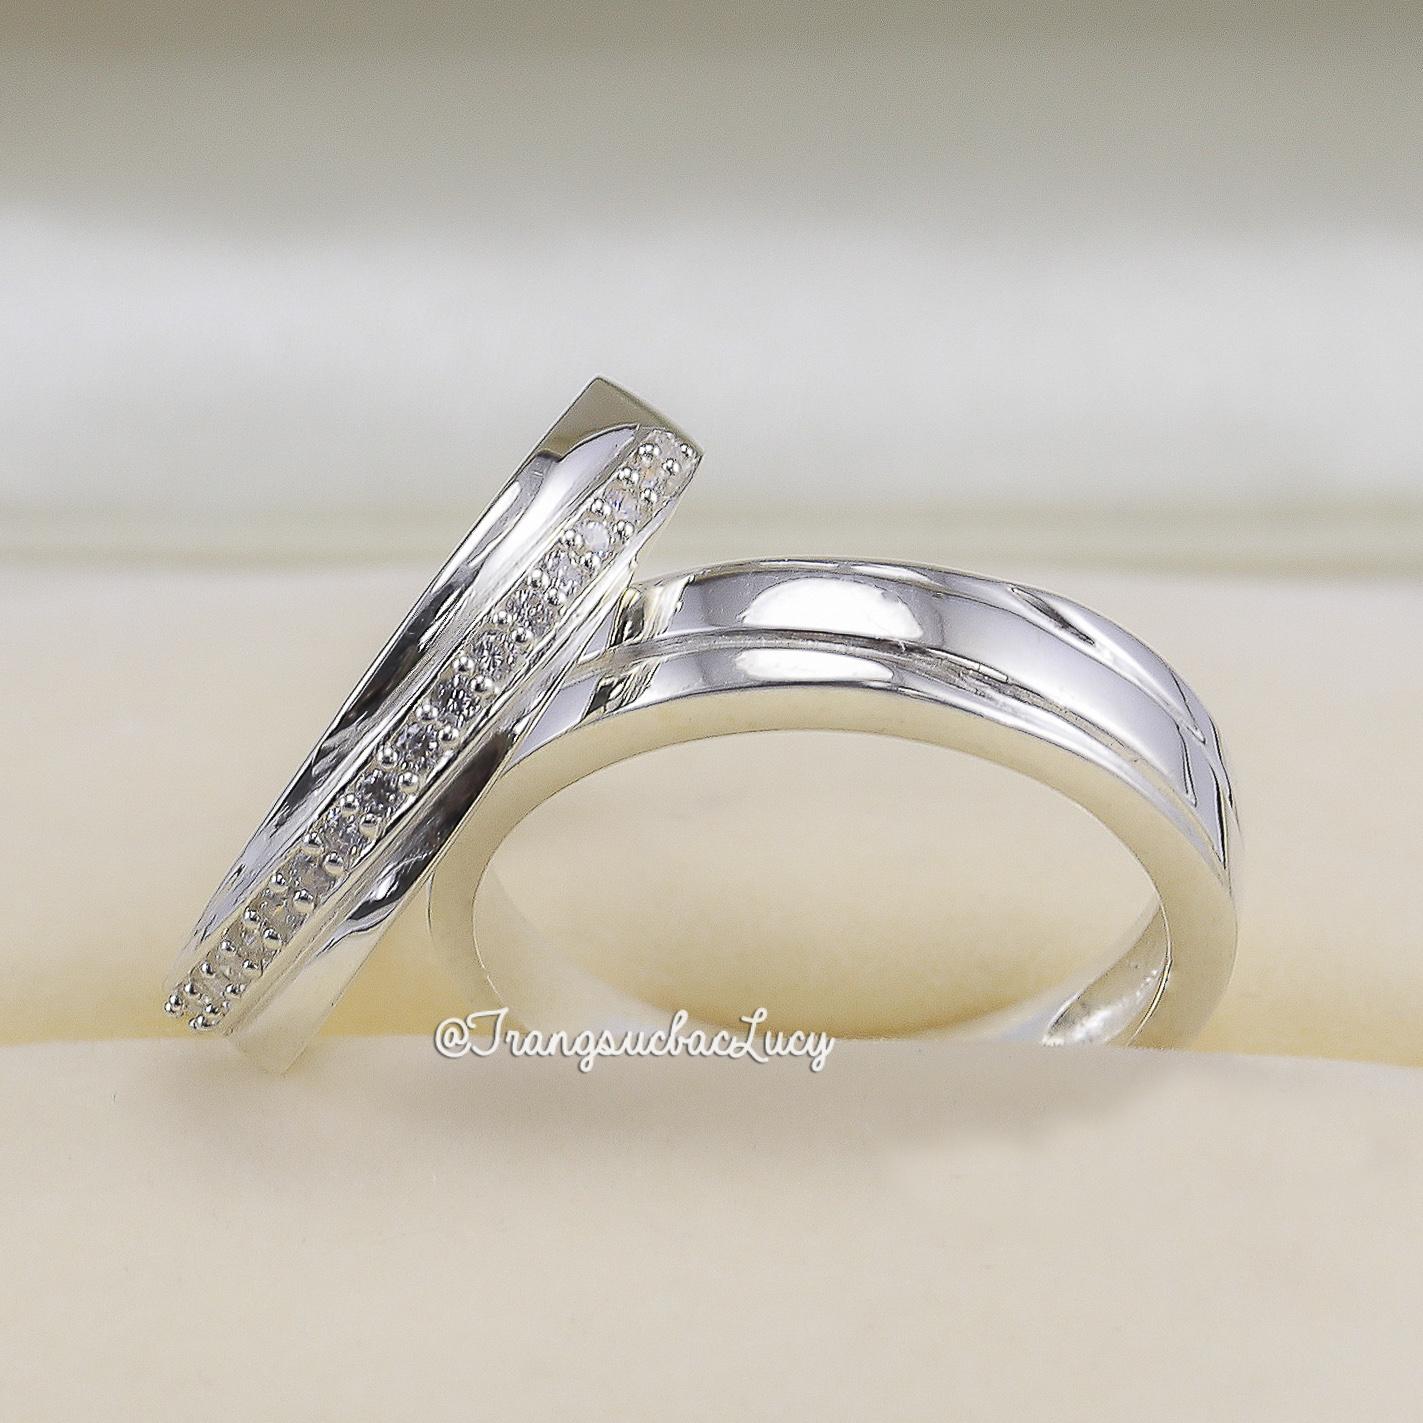 Nhẫn đôi nhẫn cặp bạc Lucy - ND047